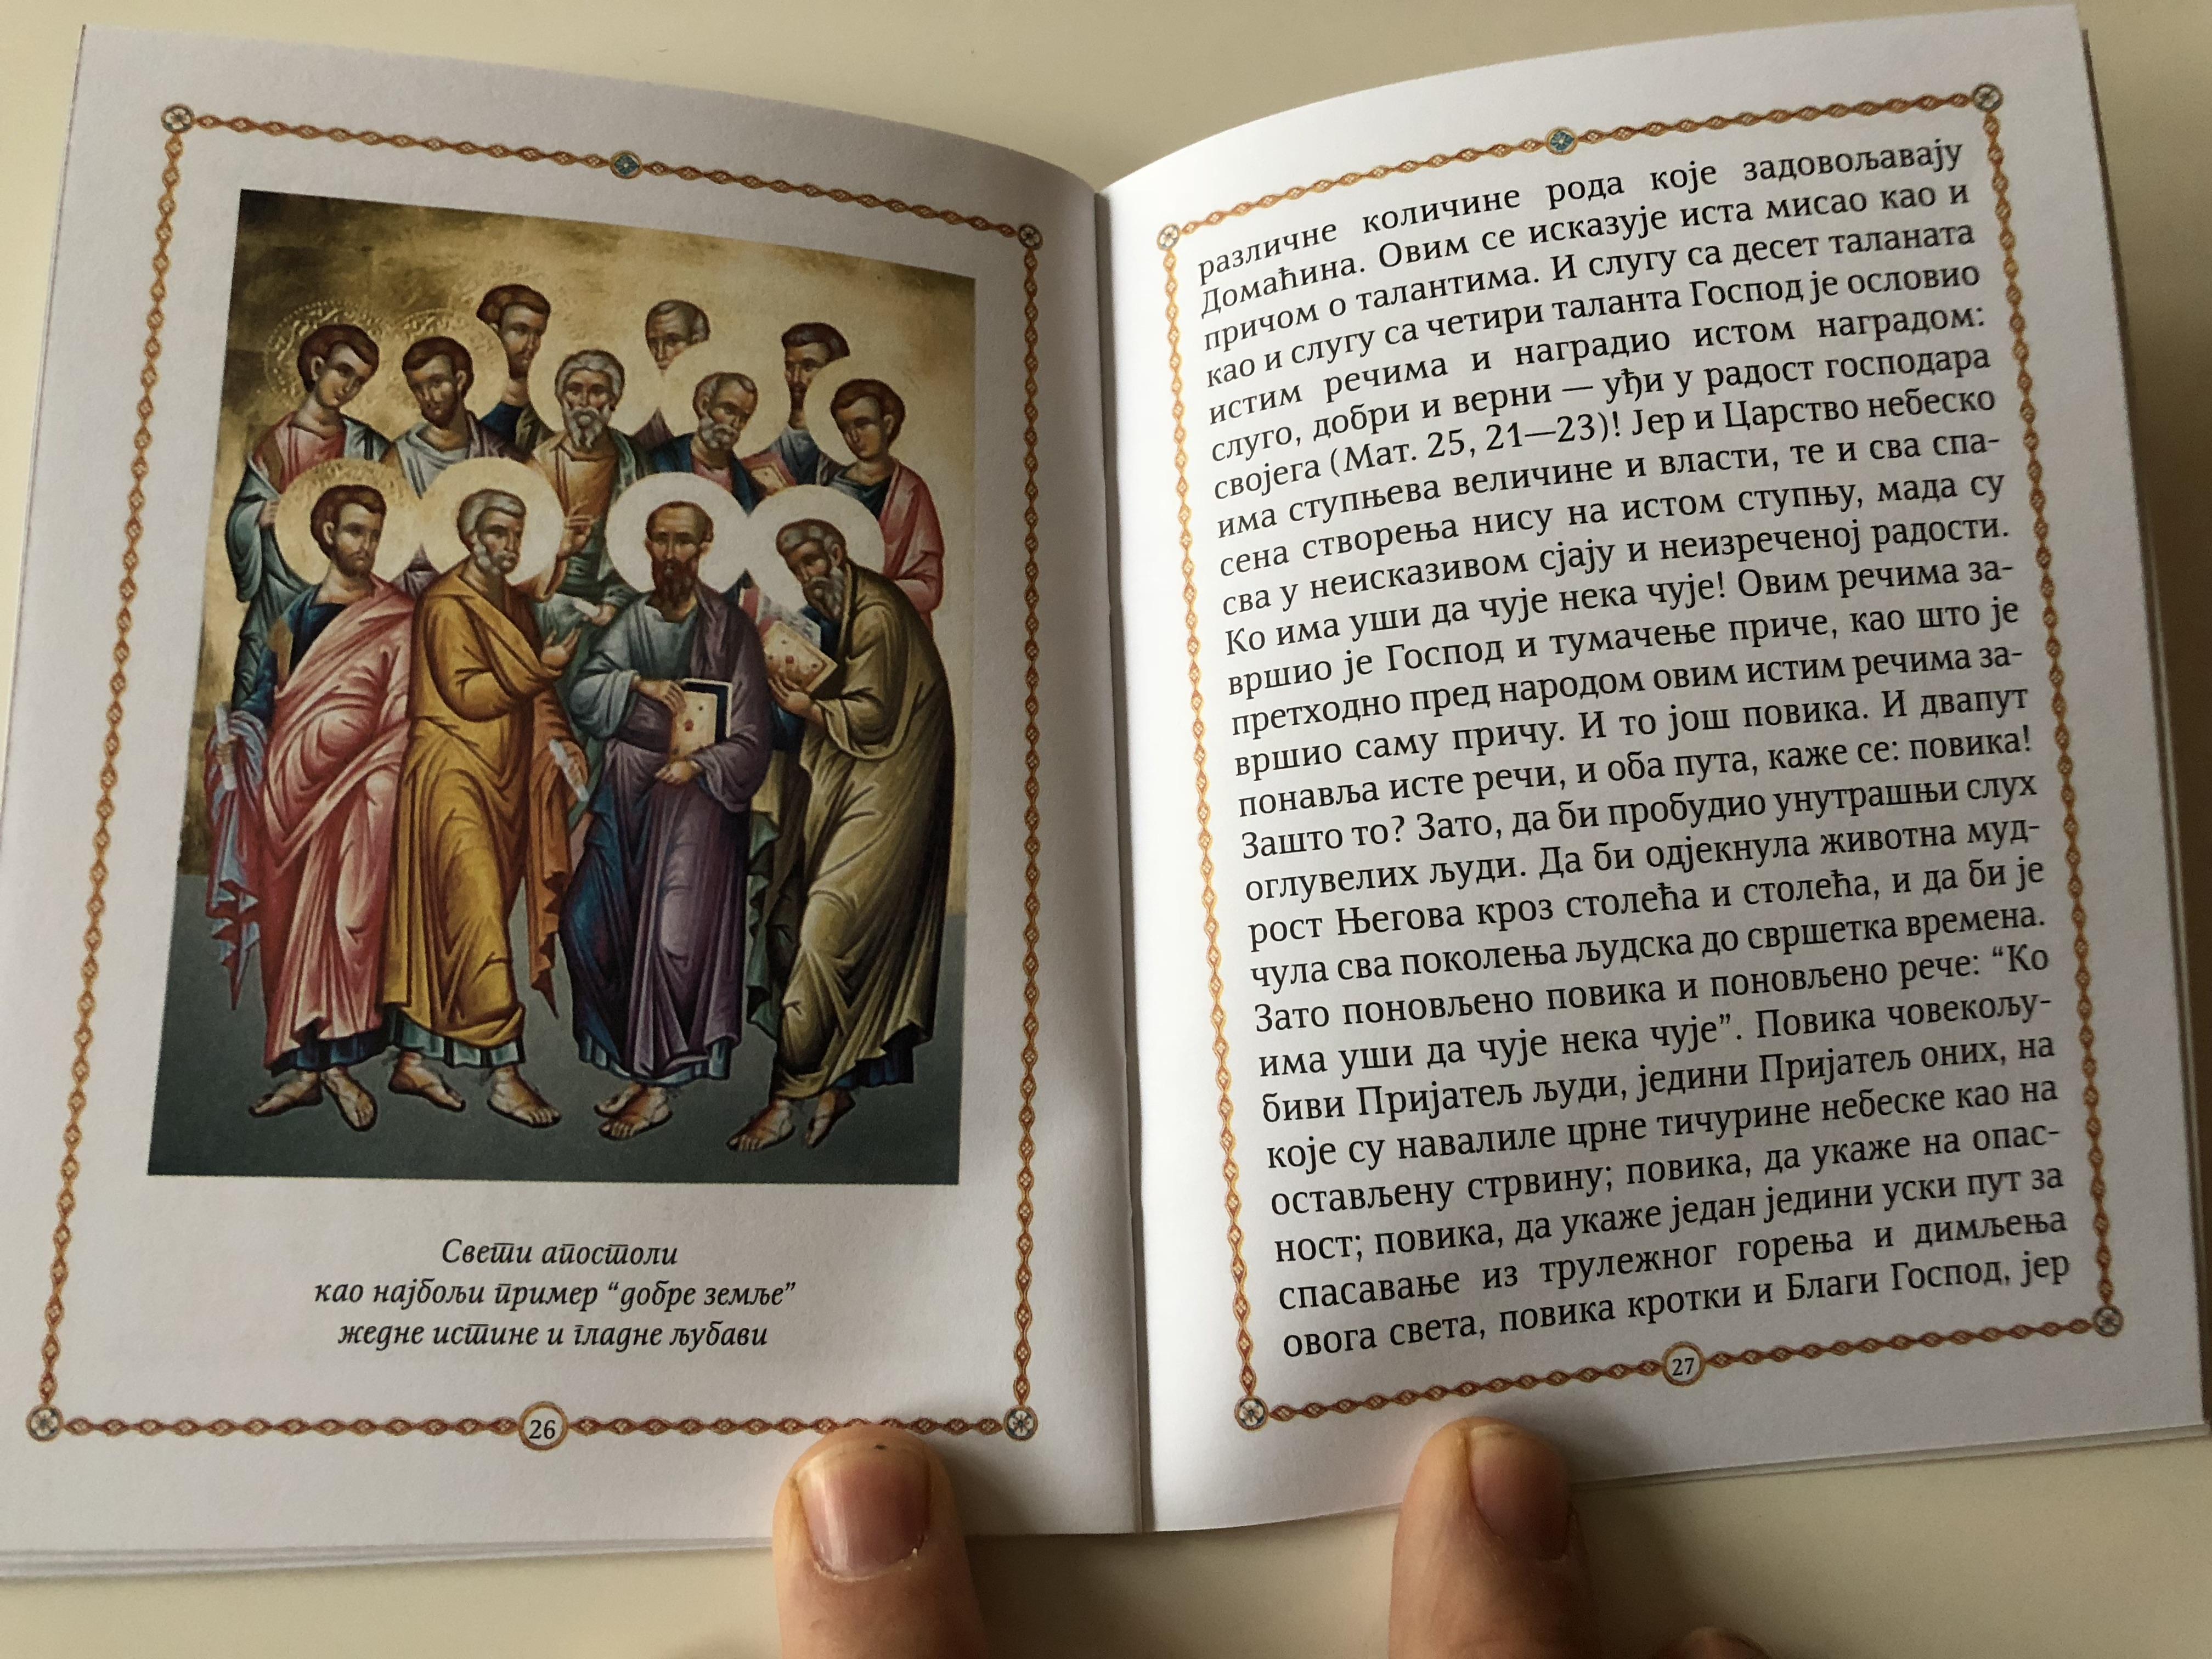 serbian-jesus-parable-of-sower-of-seeds-orthodox-storybook-7-.jpg